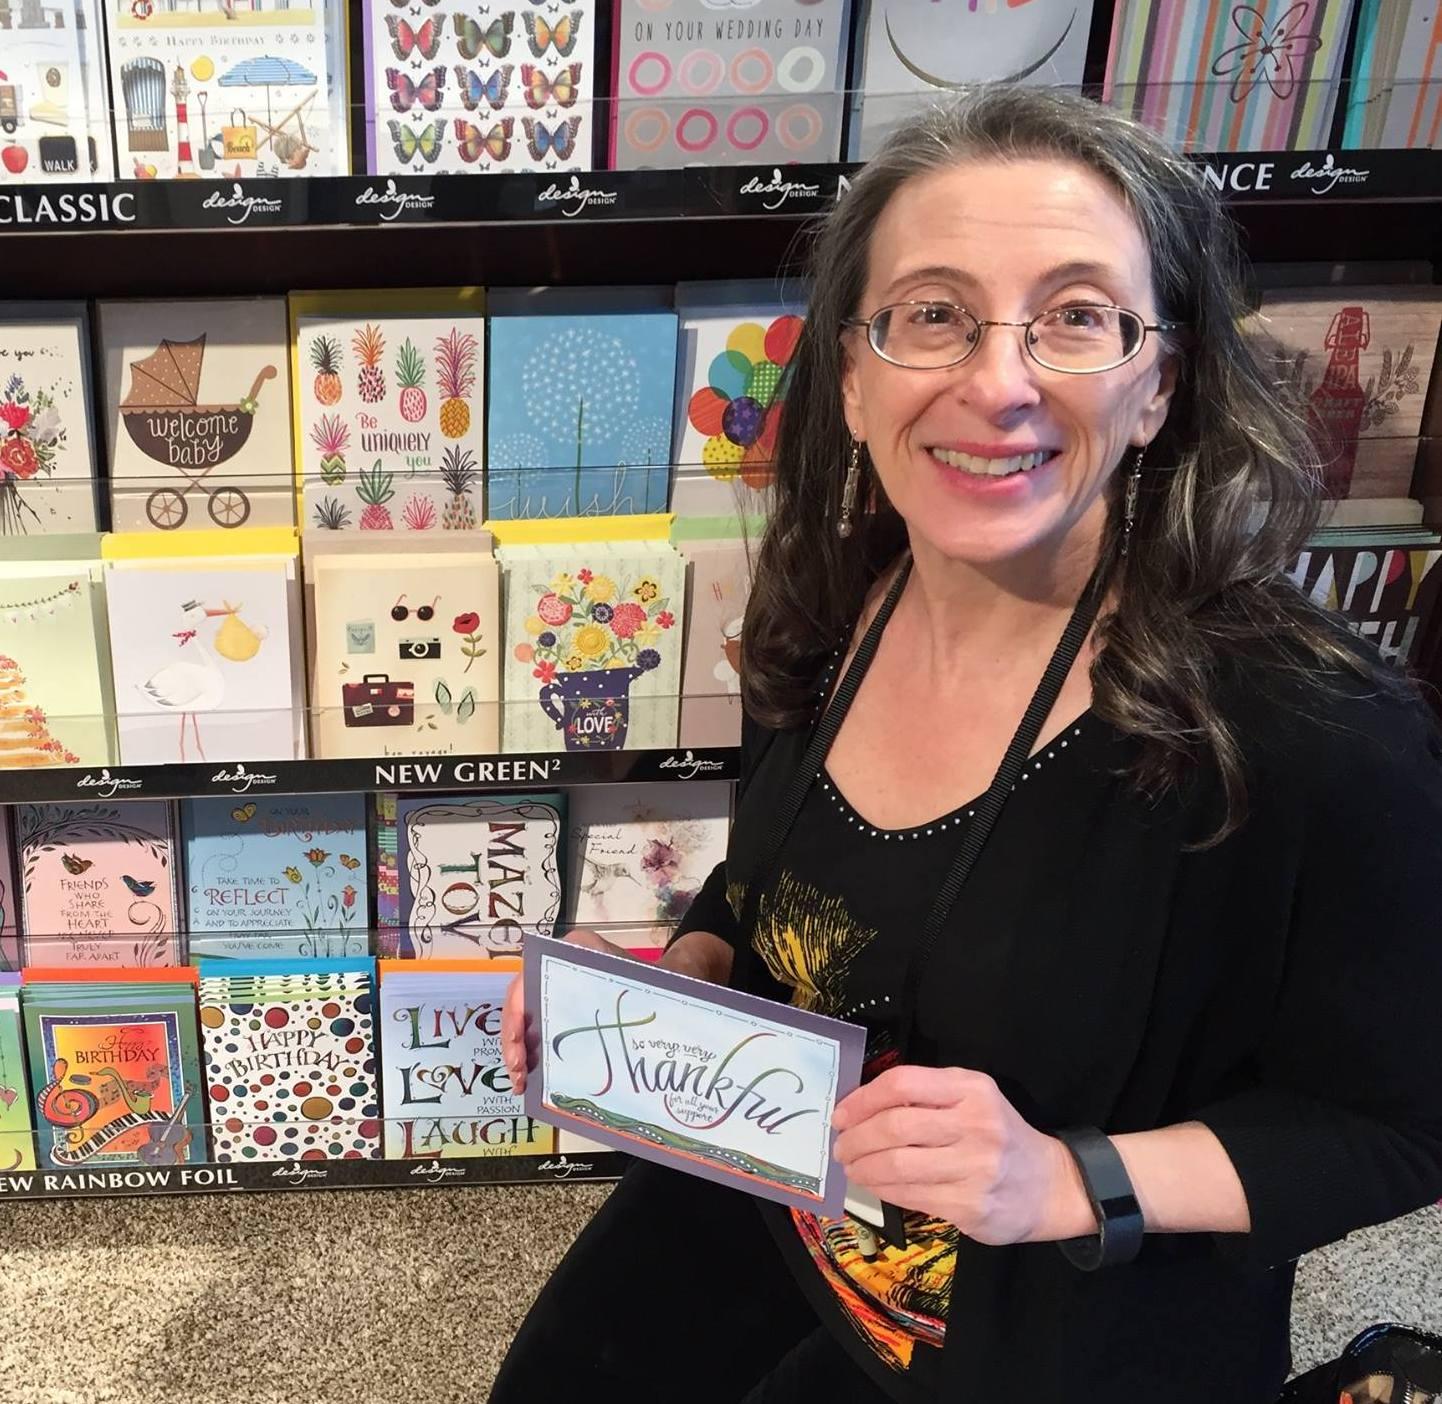 Джоан Финк (Joanne Fink) - тяготеет к цветному варианту ZIA, её стиль рисования заметно отличается от других